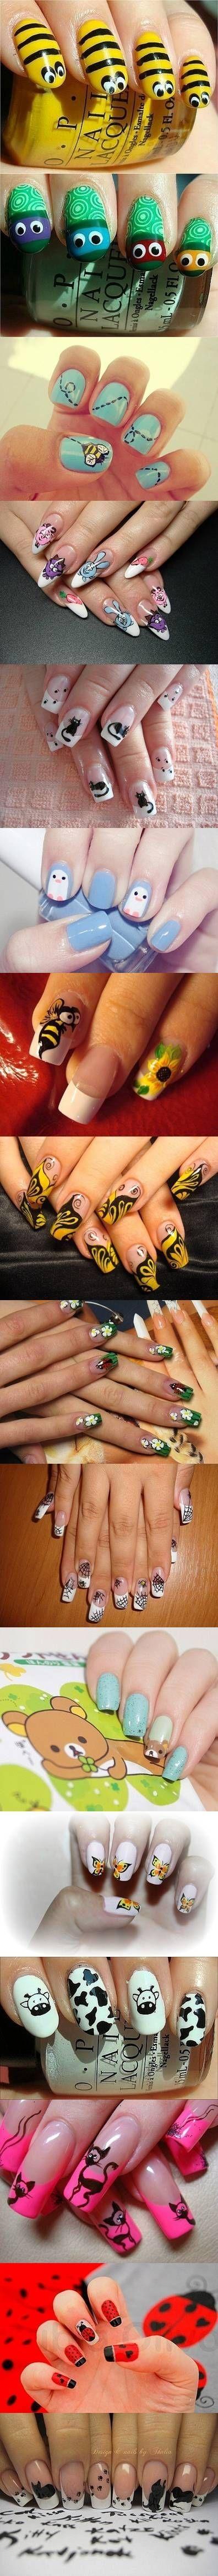 Cute animal nail themes